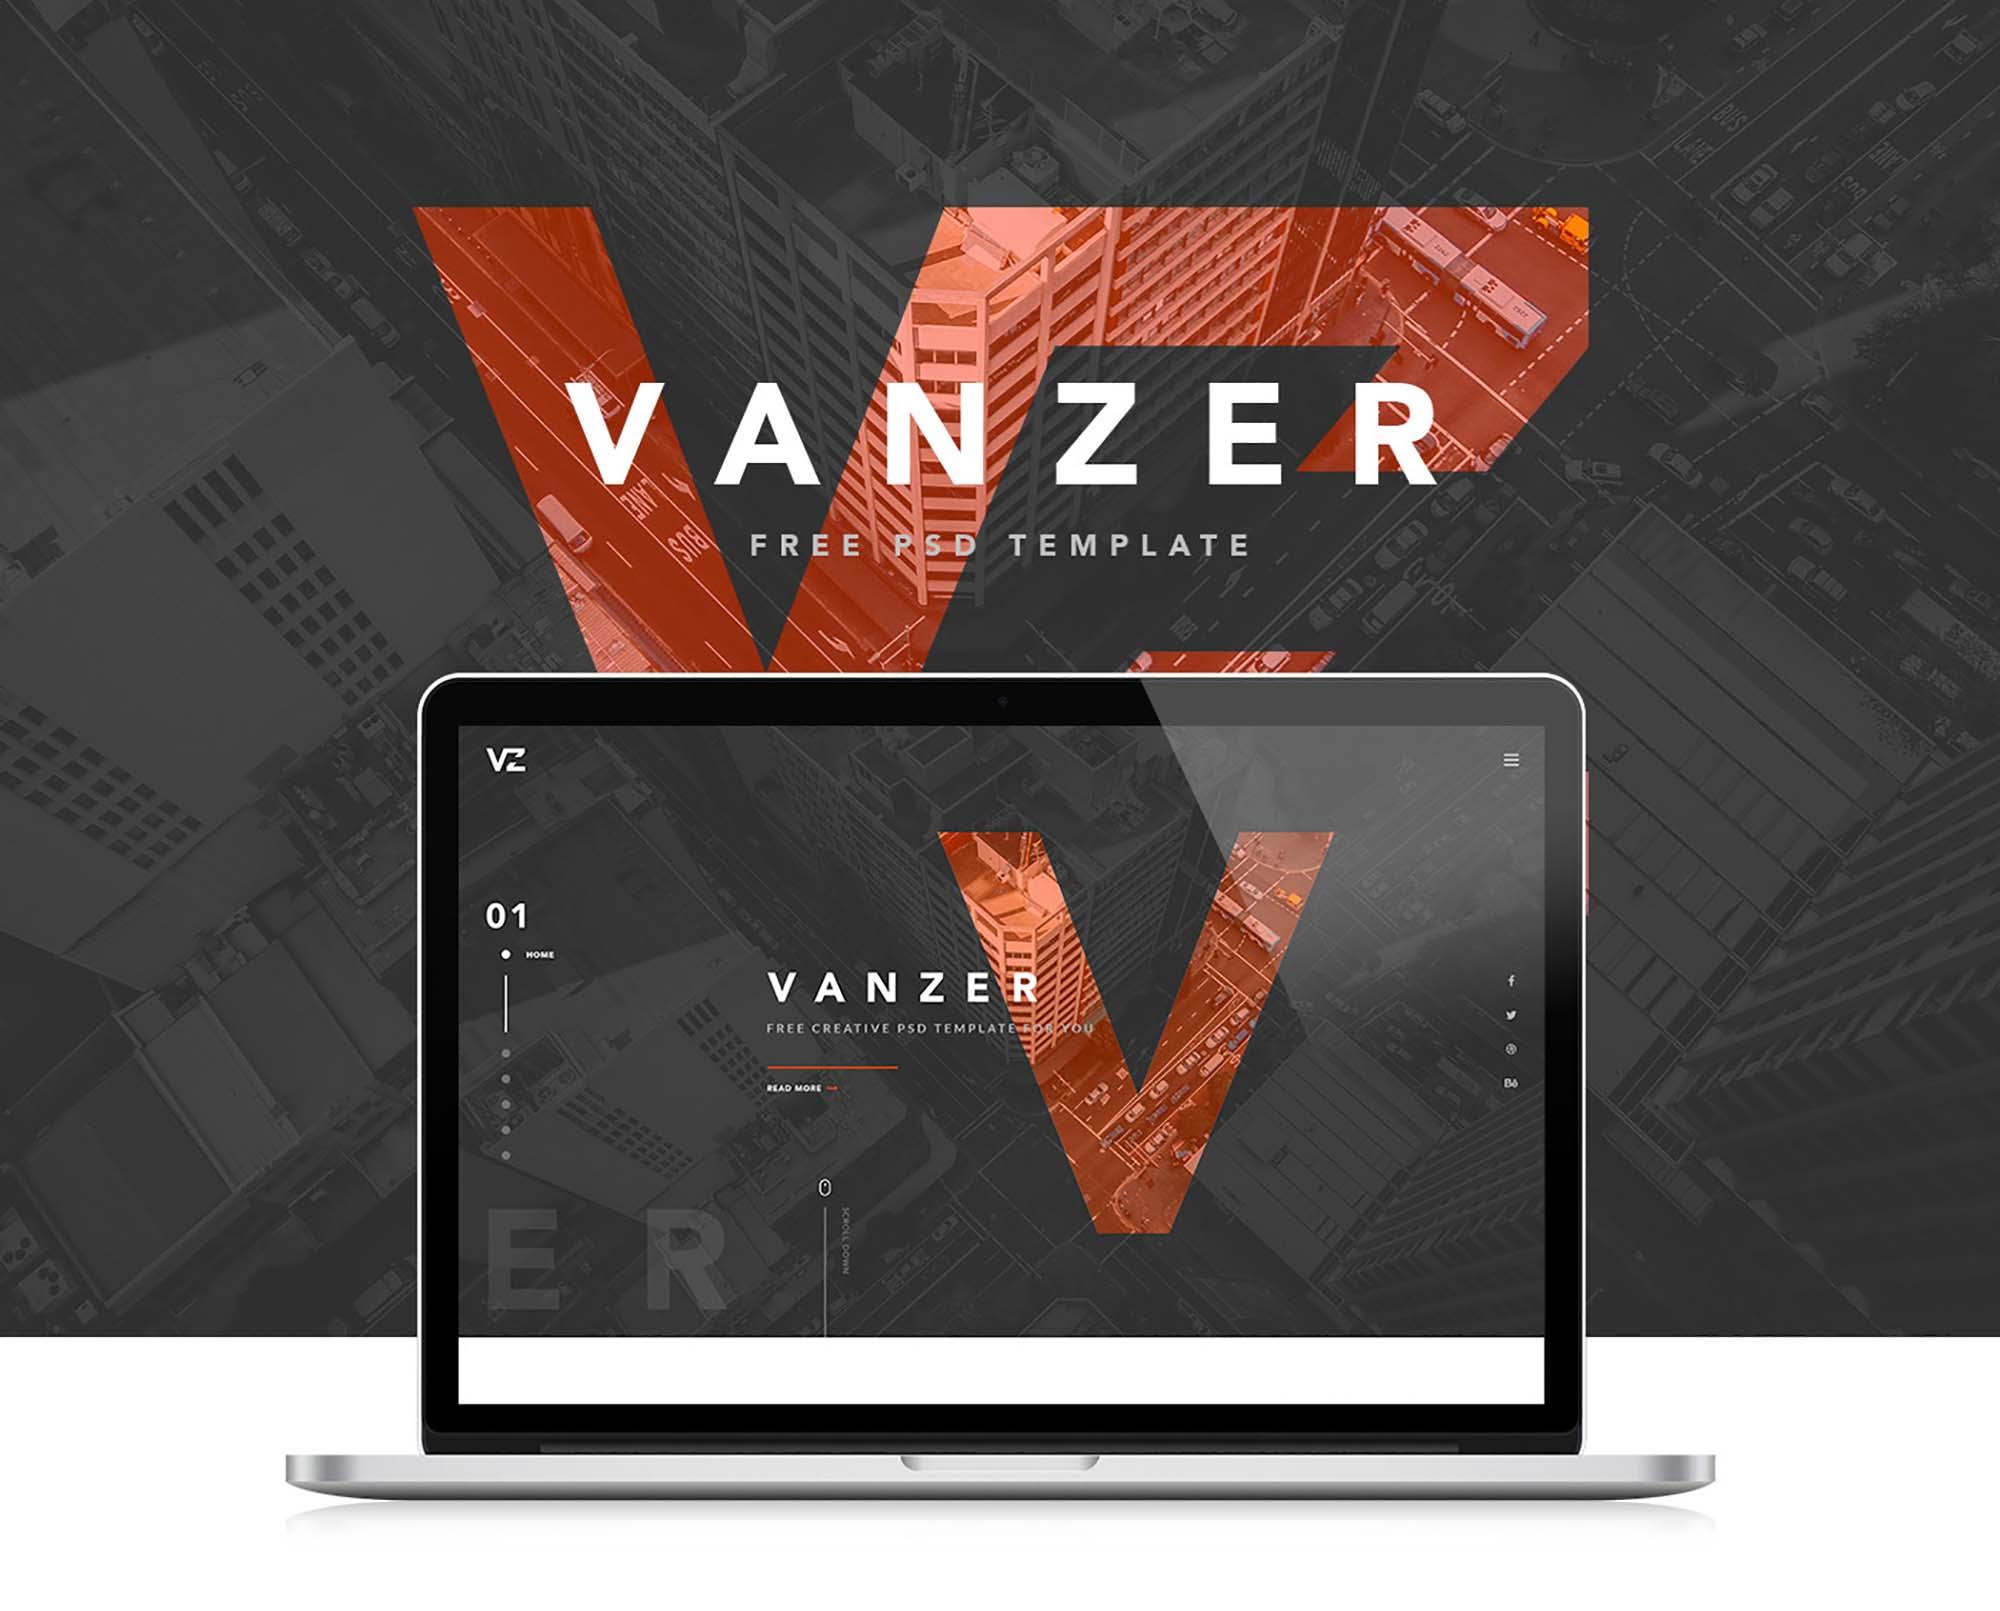 Vanzer Portfolio Website Template